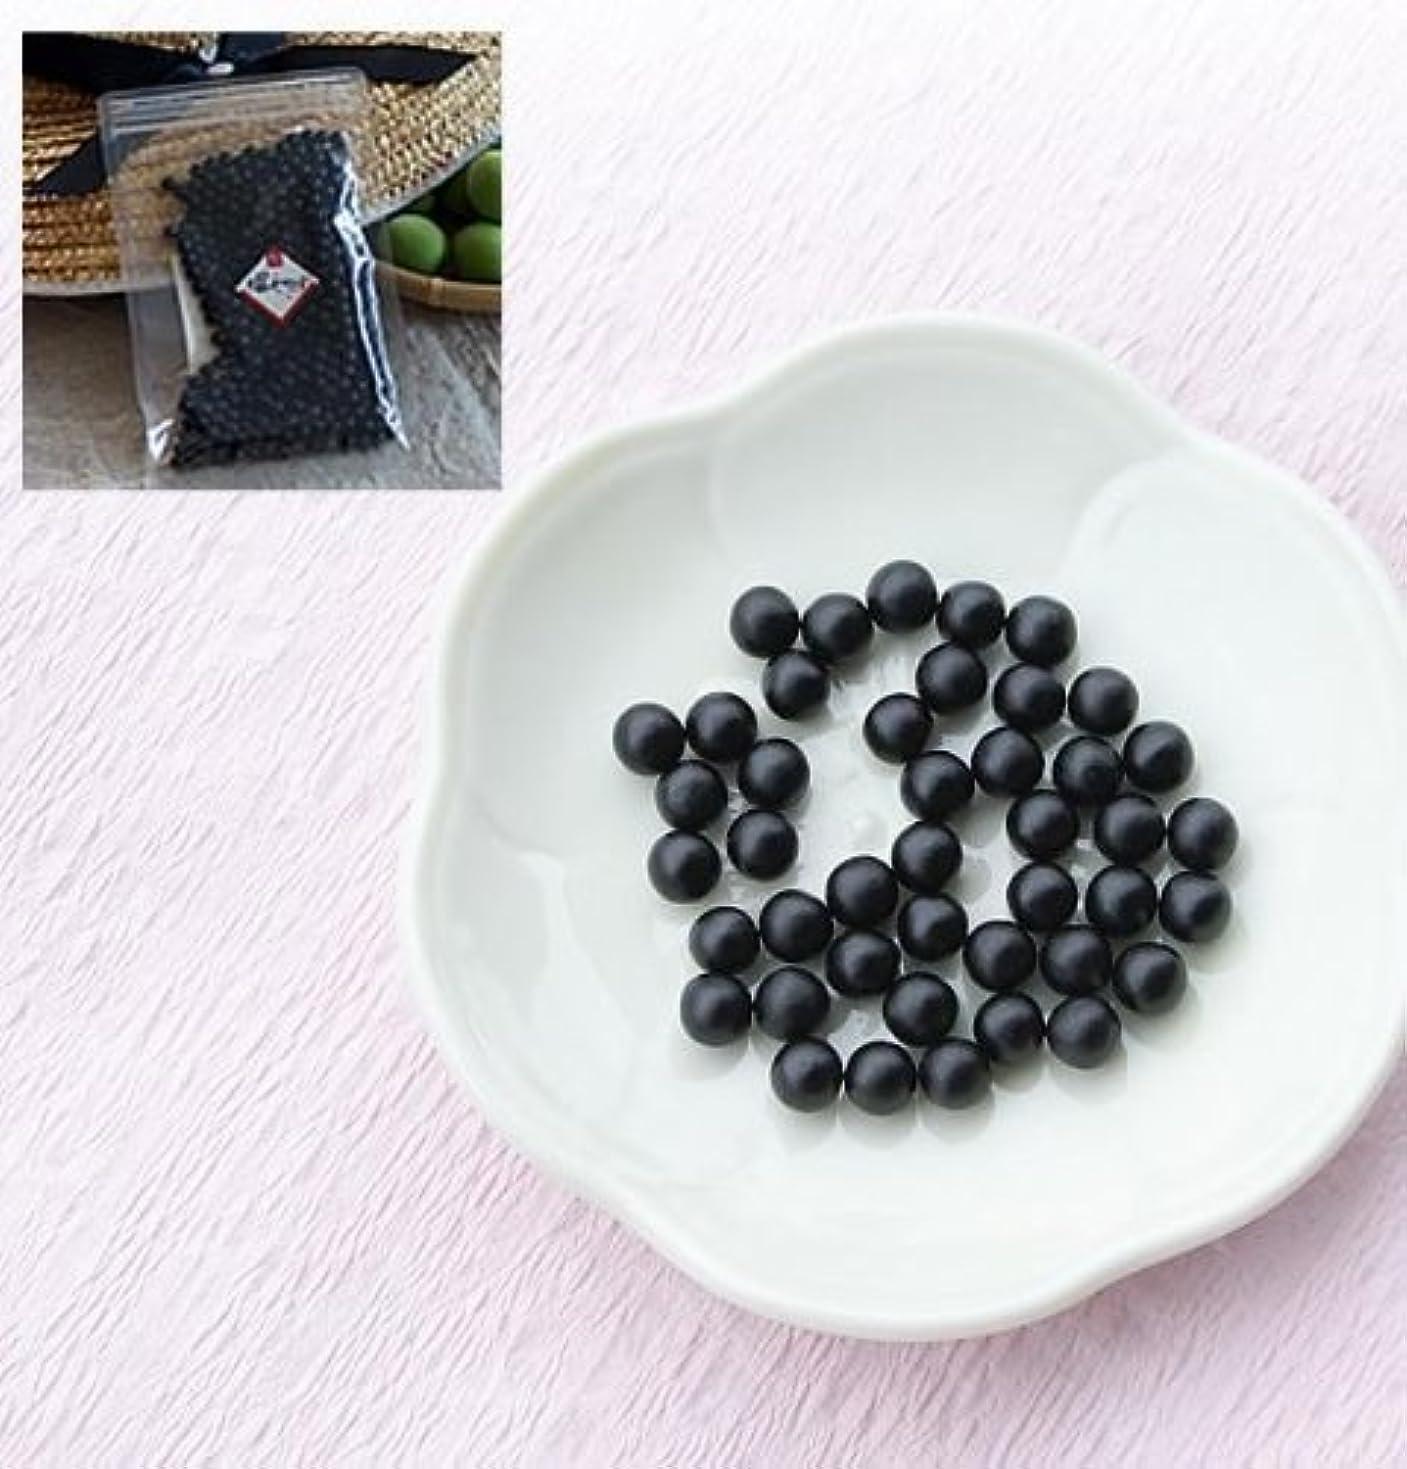 墓地配送パース深見梅店 青梅から作った梅肉エキス粒タイプ 100g(約3か月?約600粒)